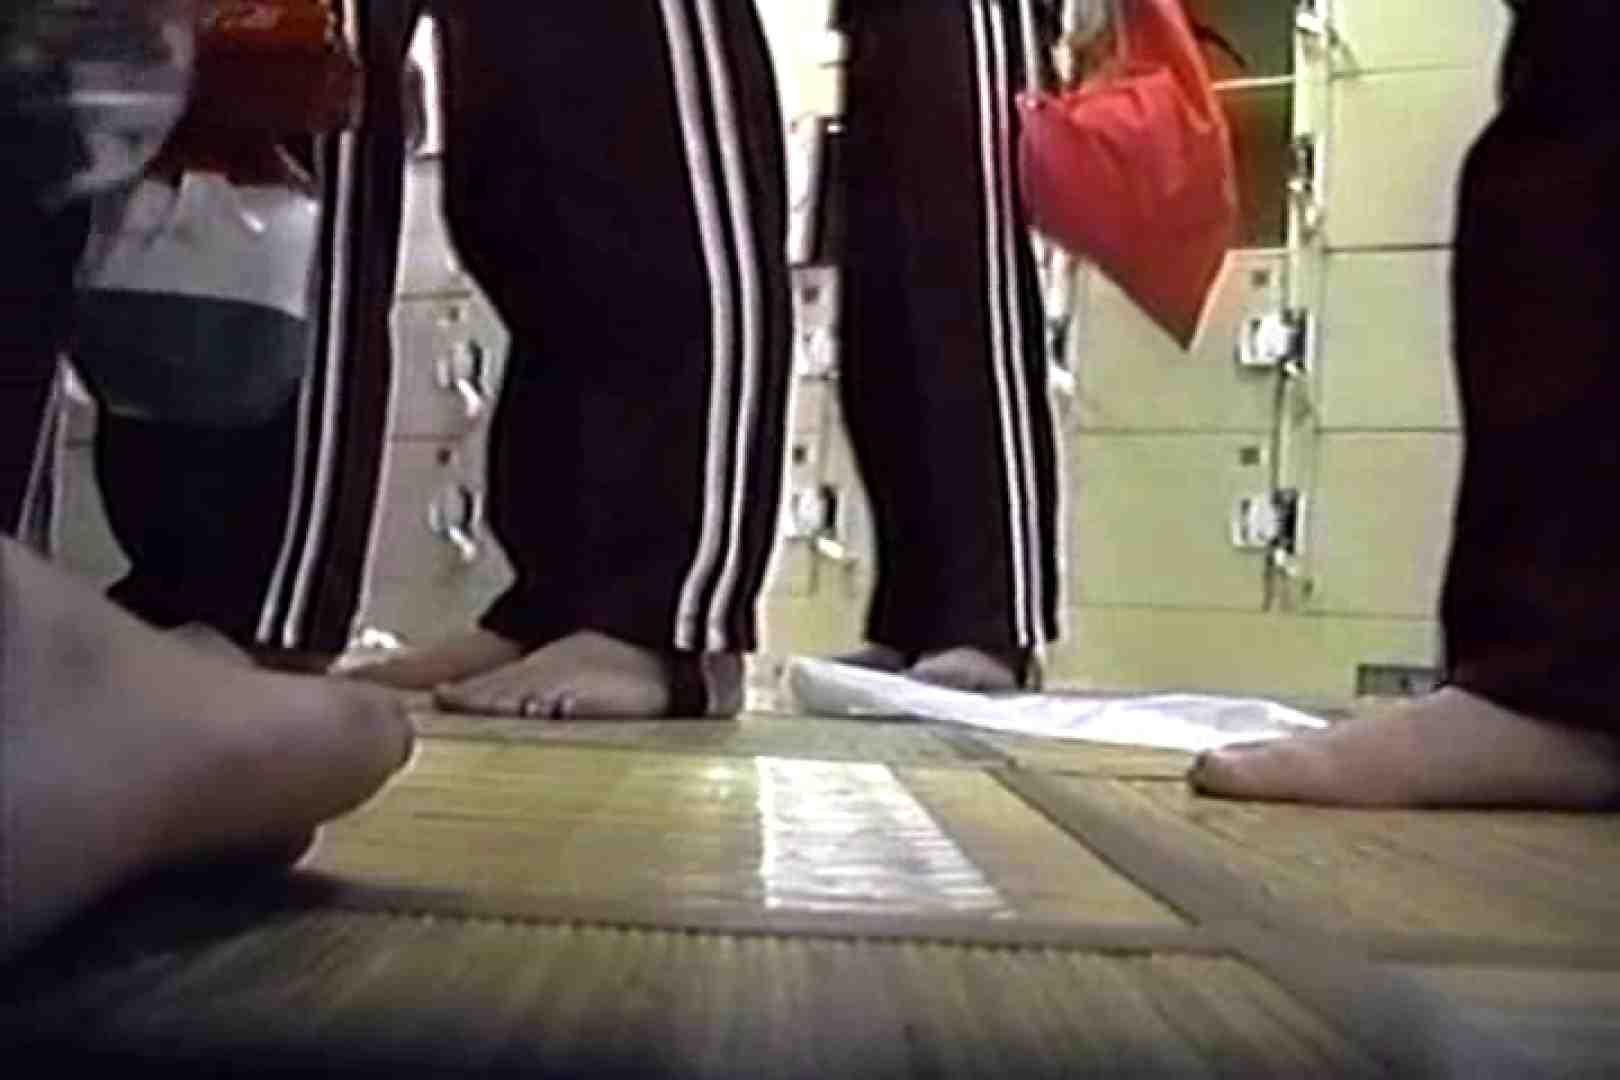 (9月21日配信停止)超・痴覚の眼 修学旅行TNK-09 着替え のぞき濡れ場動画紹介 93連発 12